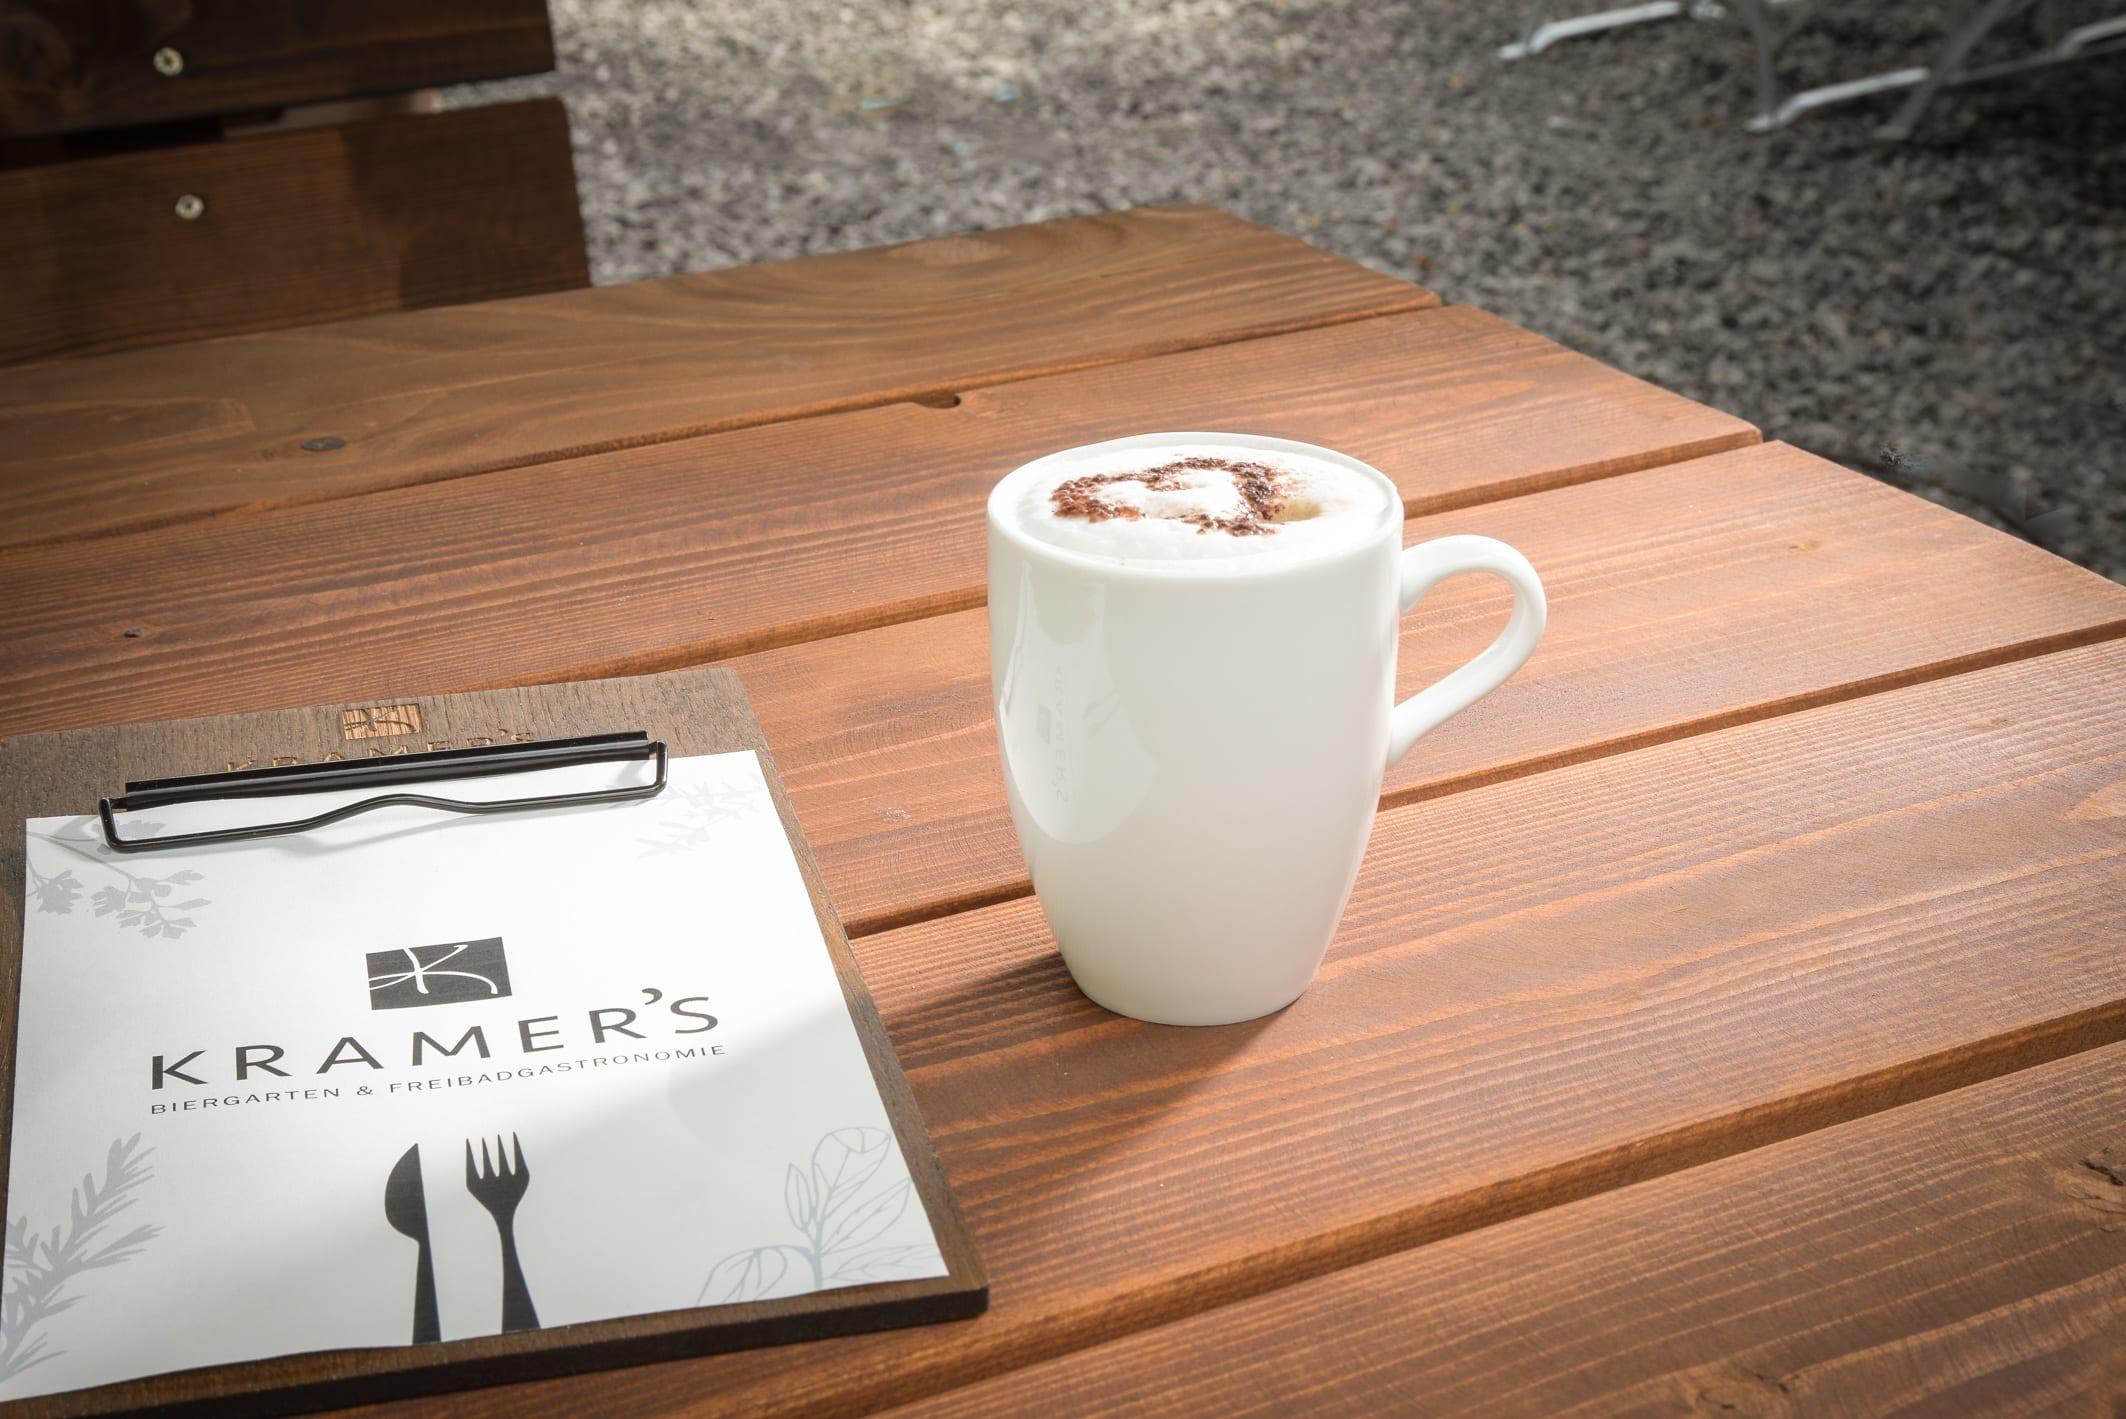 Kaffee Kramers Biergarten und Freibadgastronomie